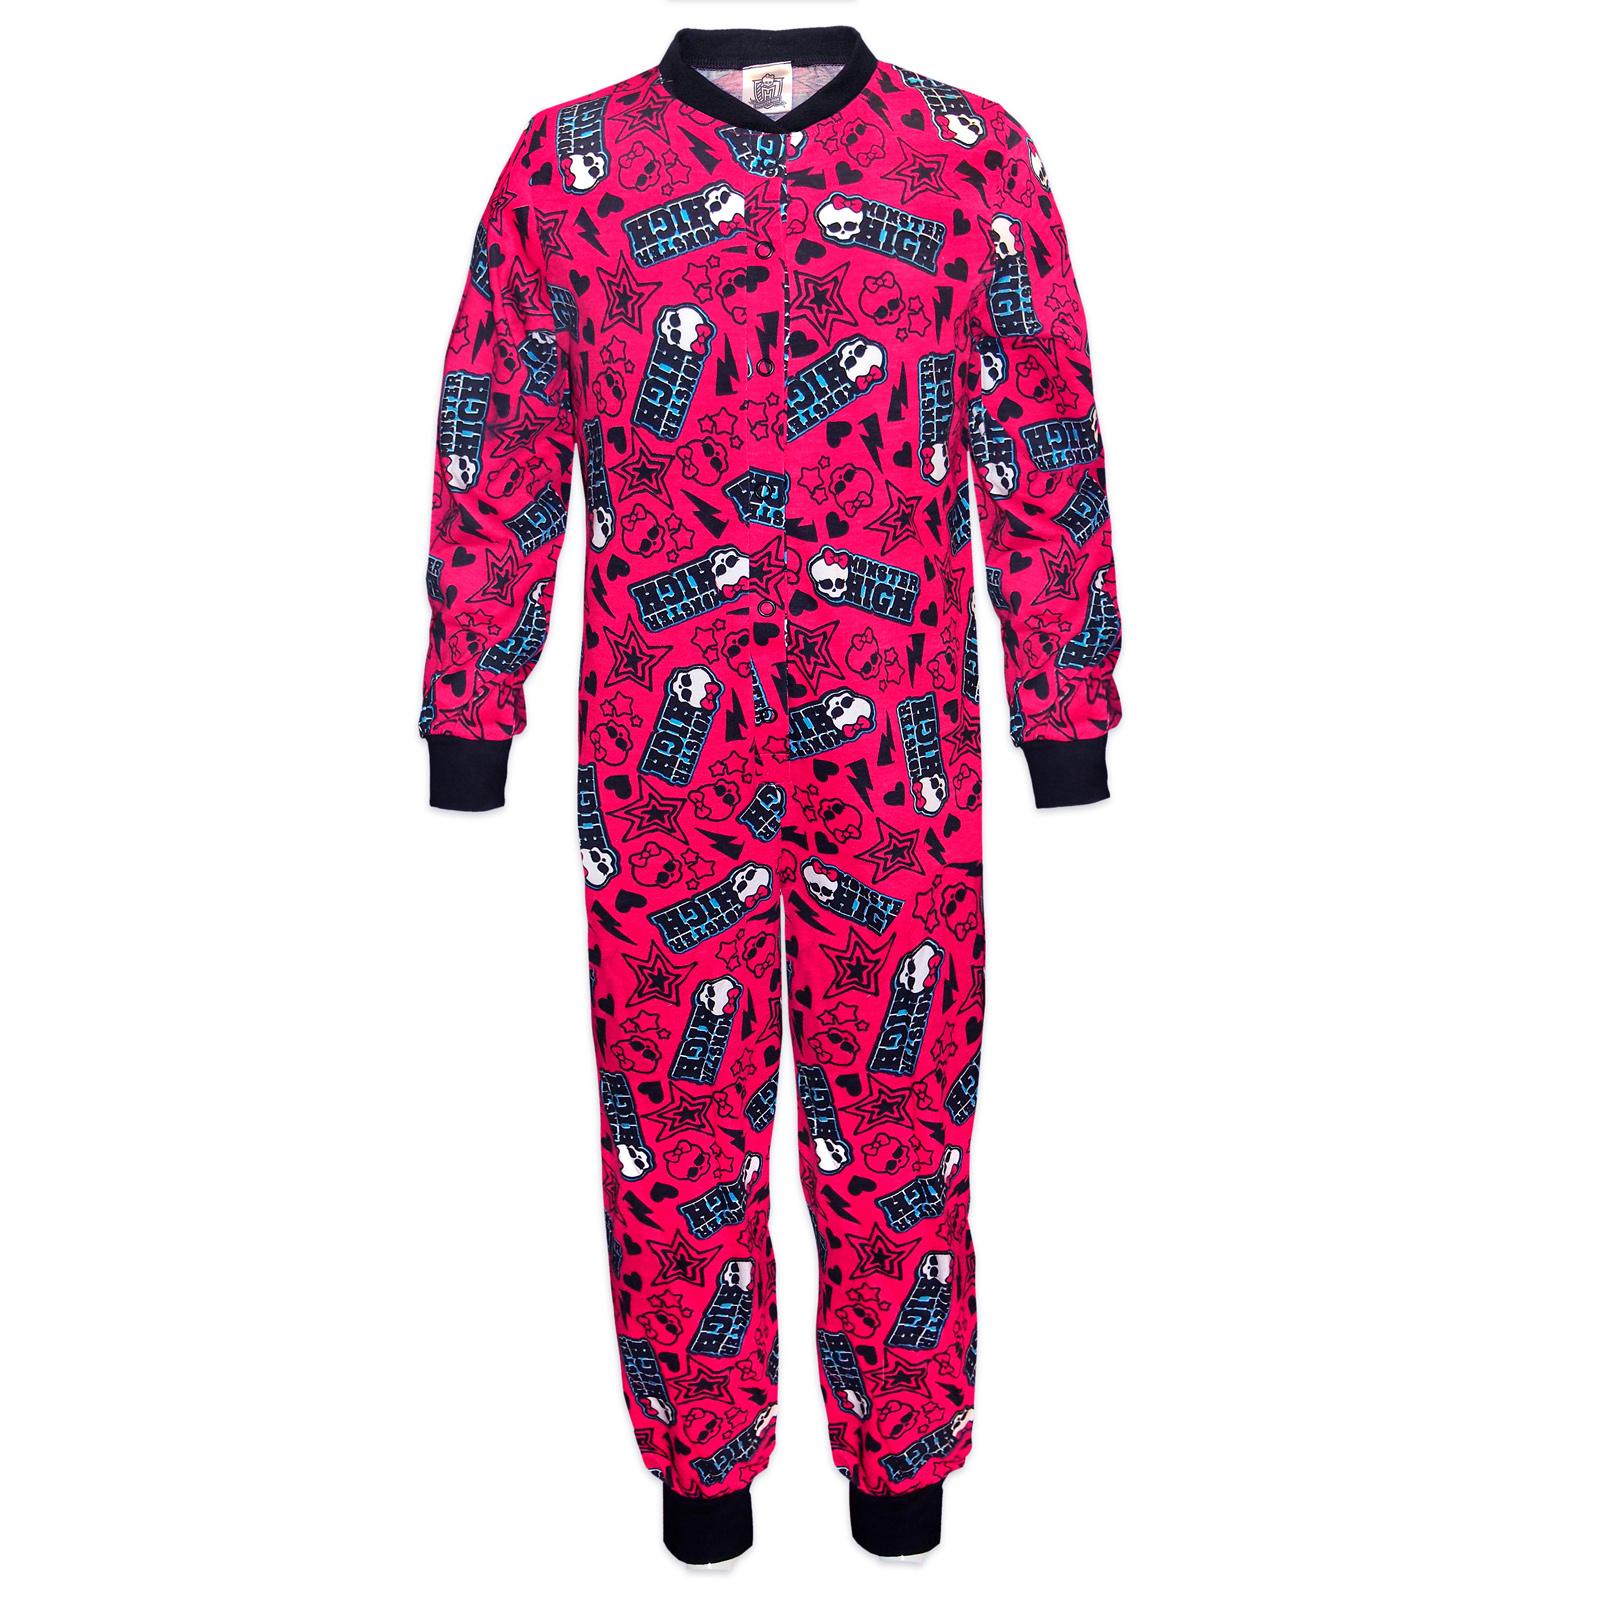 Mattel-Monster-High-Pijama-de-una-pieza-para-ninas-Producto-oficial